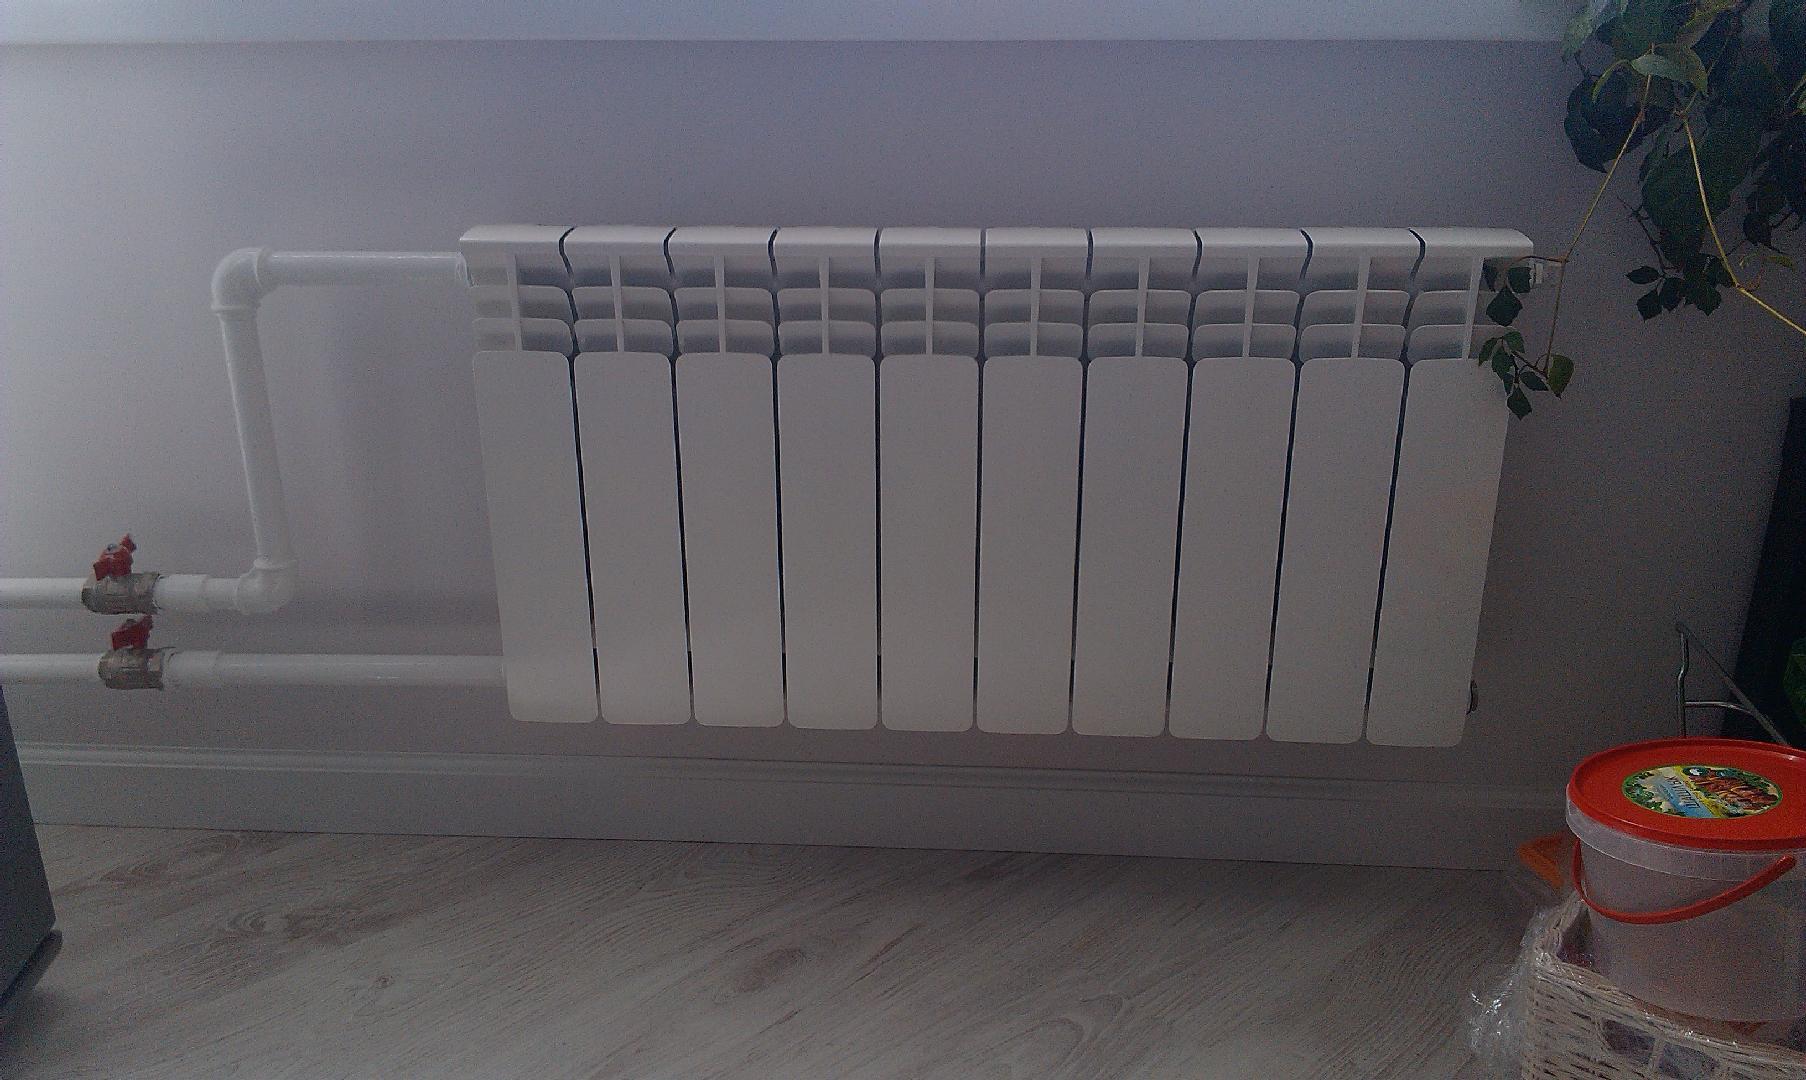 Установка батарей отопления в квартире: монтаж радиаторов своими руками, как правильно установить и подключить - схемы